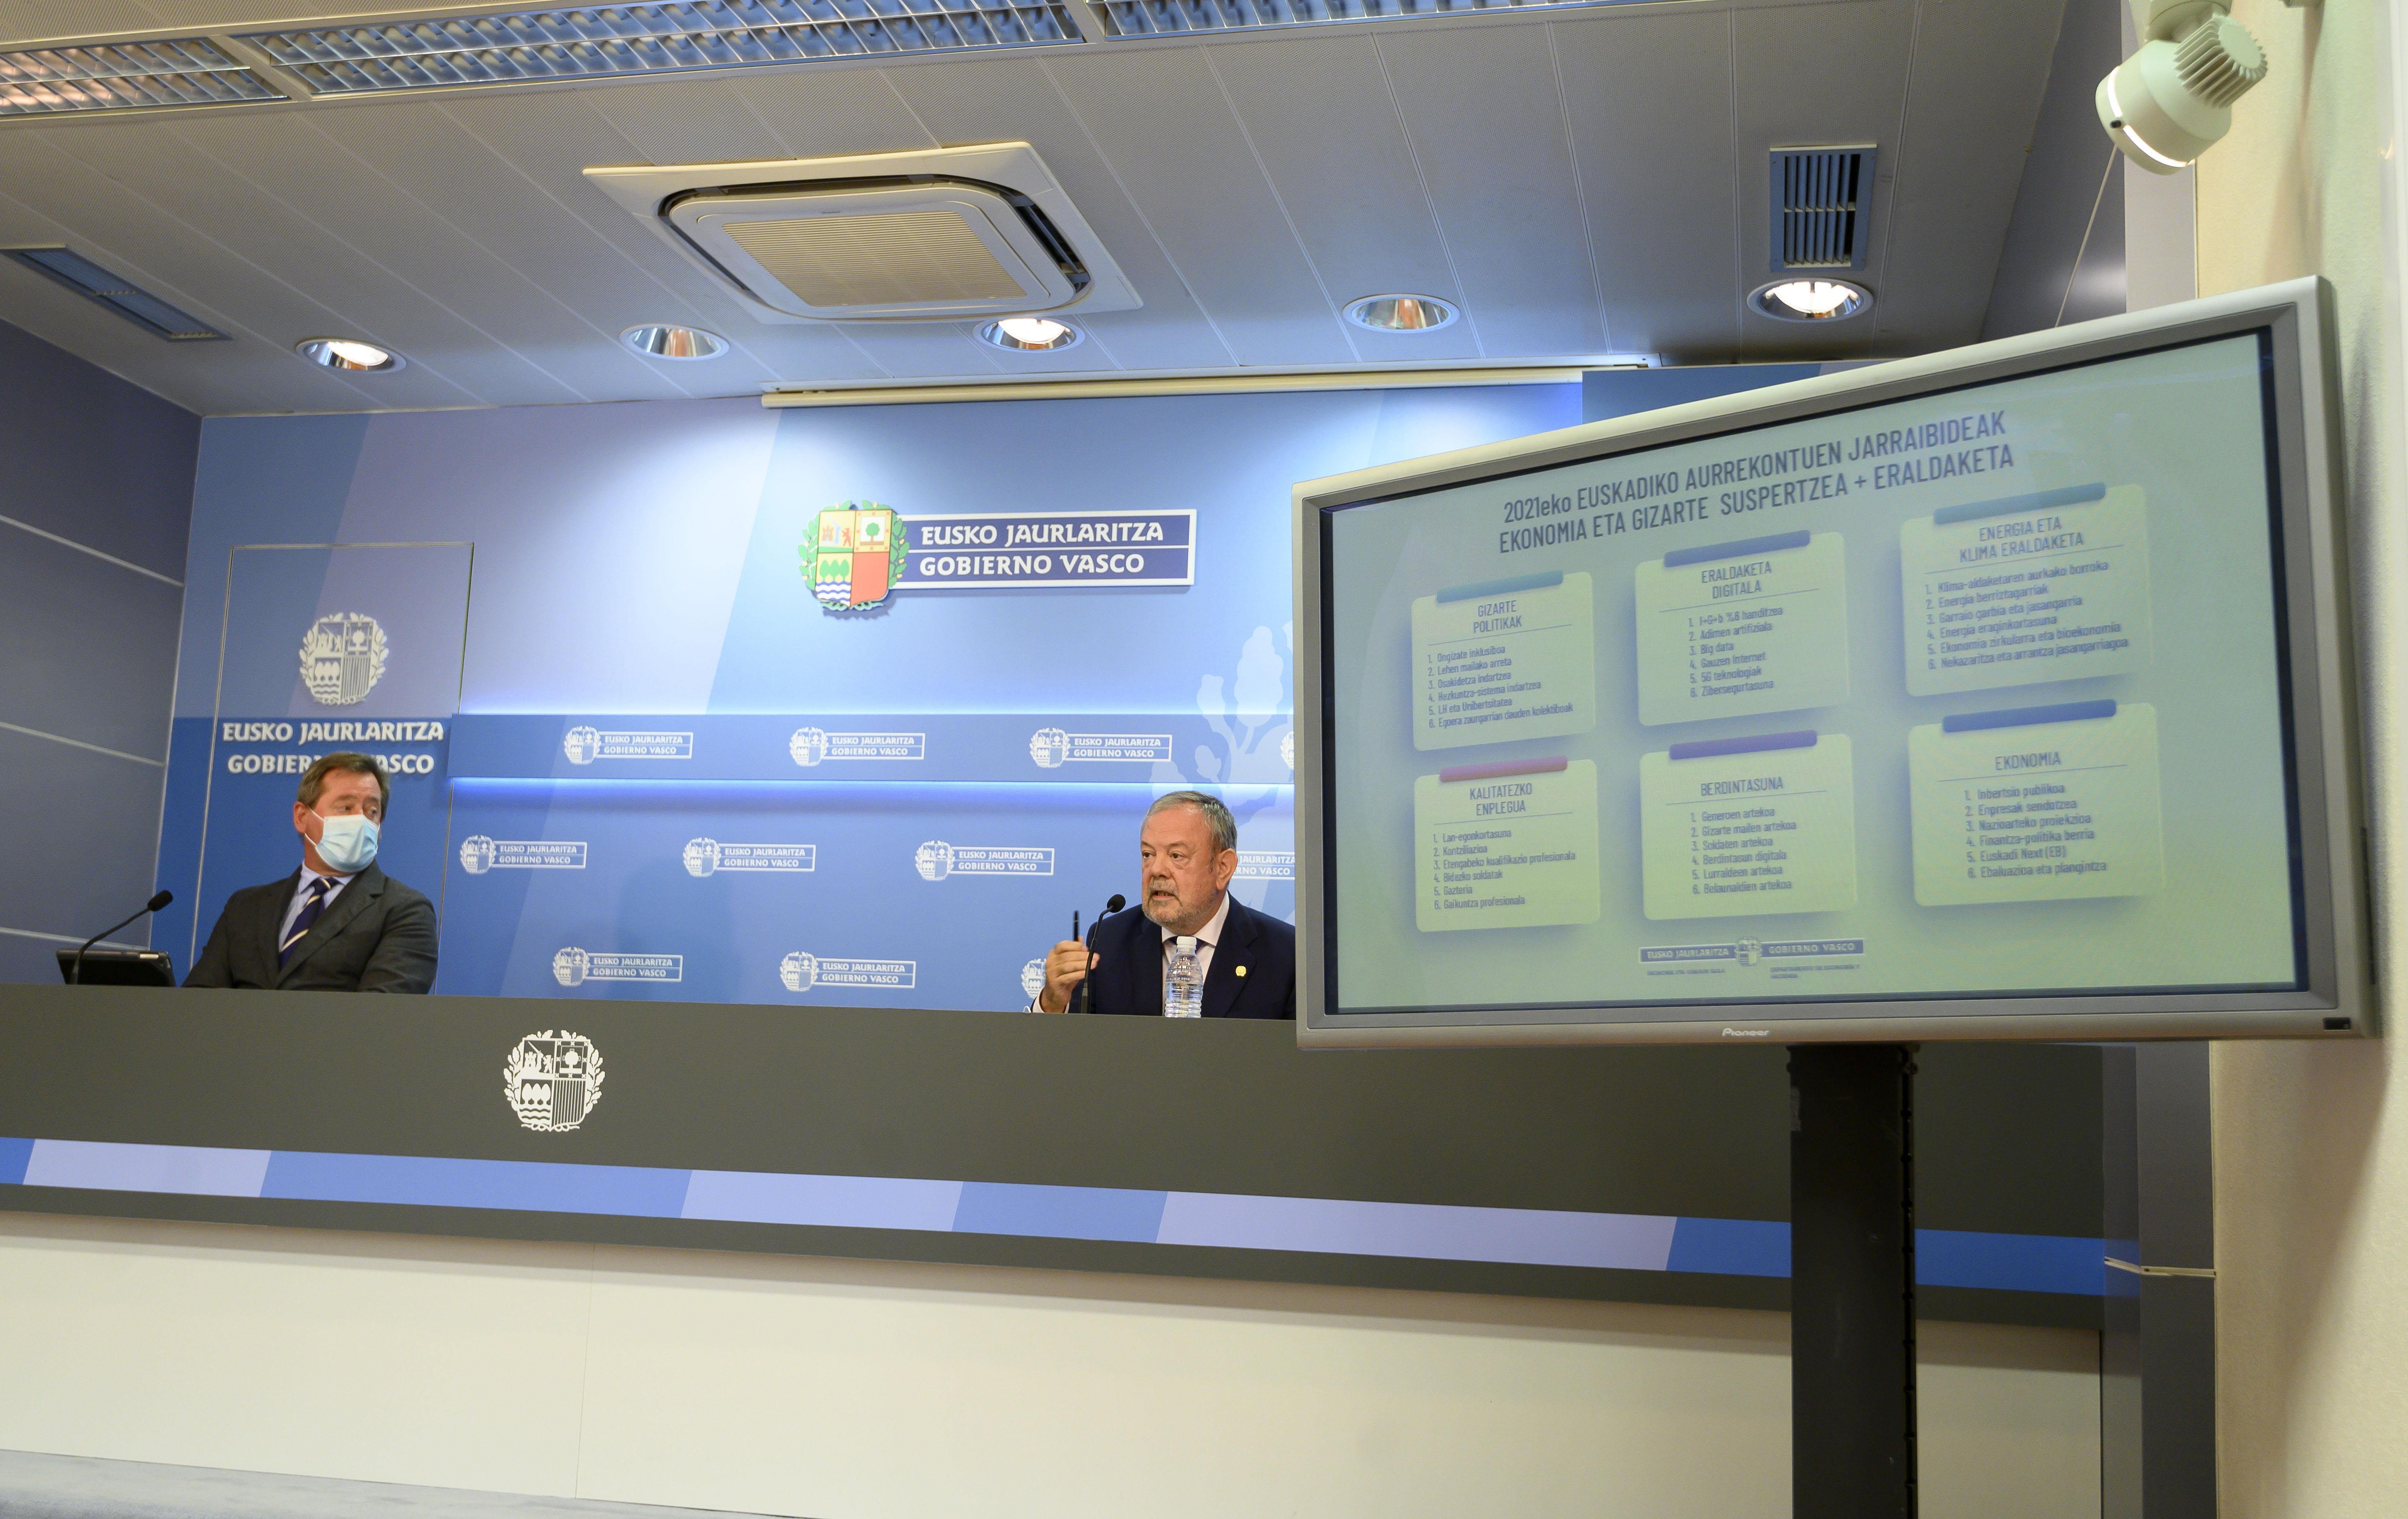 El Gobierno Vasco descarta la austeridad para diseñar los presupuestos de la reconstrucción y transformación económica y social de Euskadi [0:00]